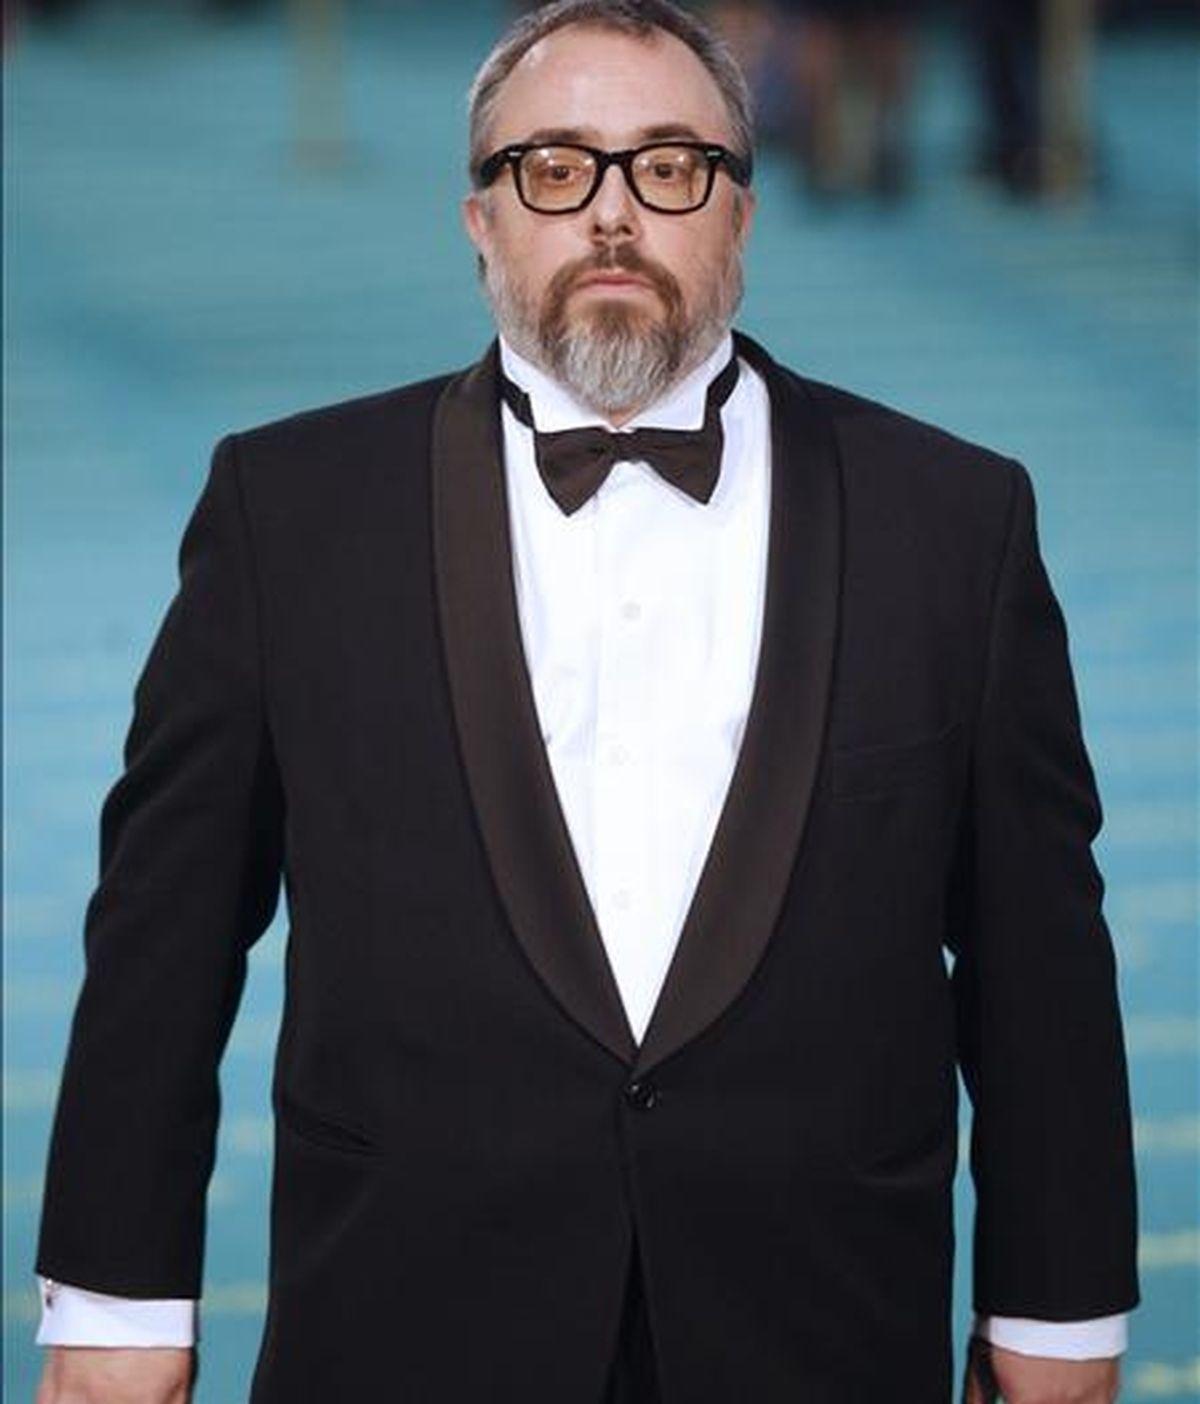 El director Alex de la Iglesia a su llegada a la gala de la XXIII edición de los Premios Goya del cine español. EFE/Archivo